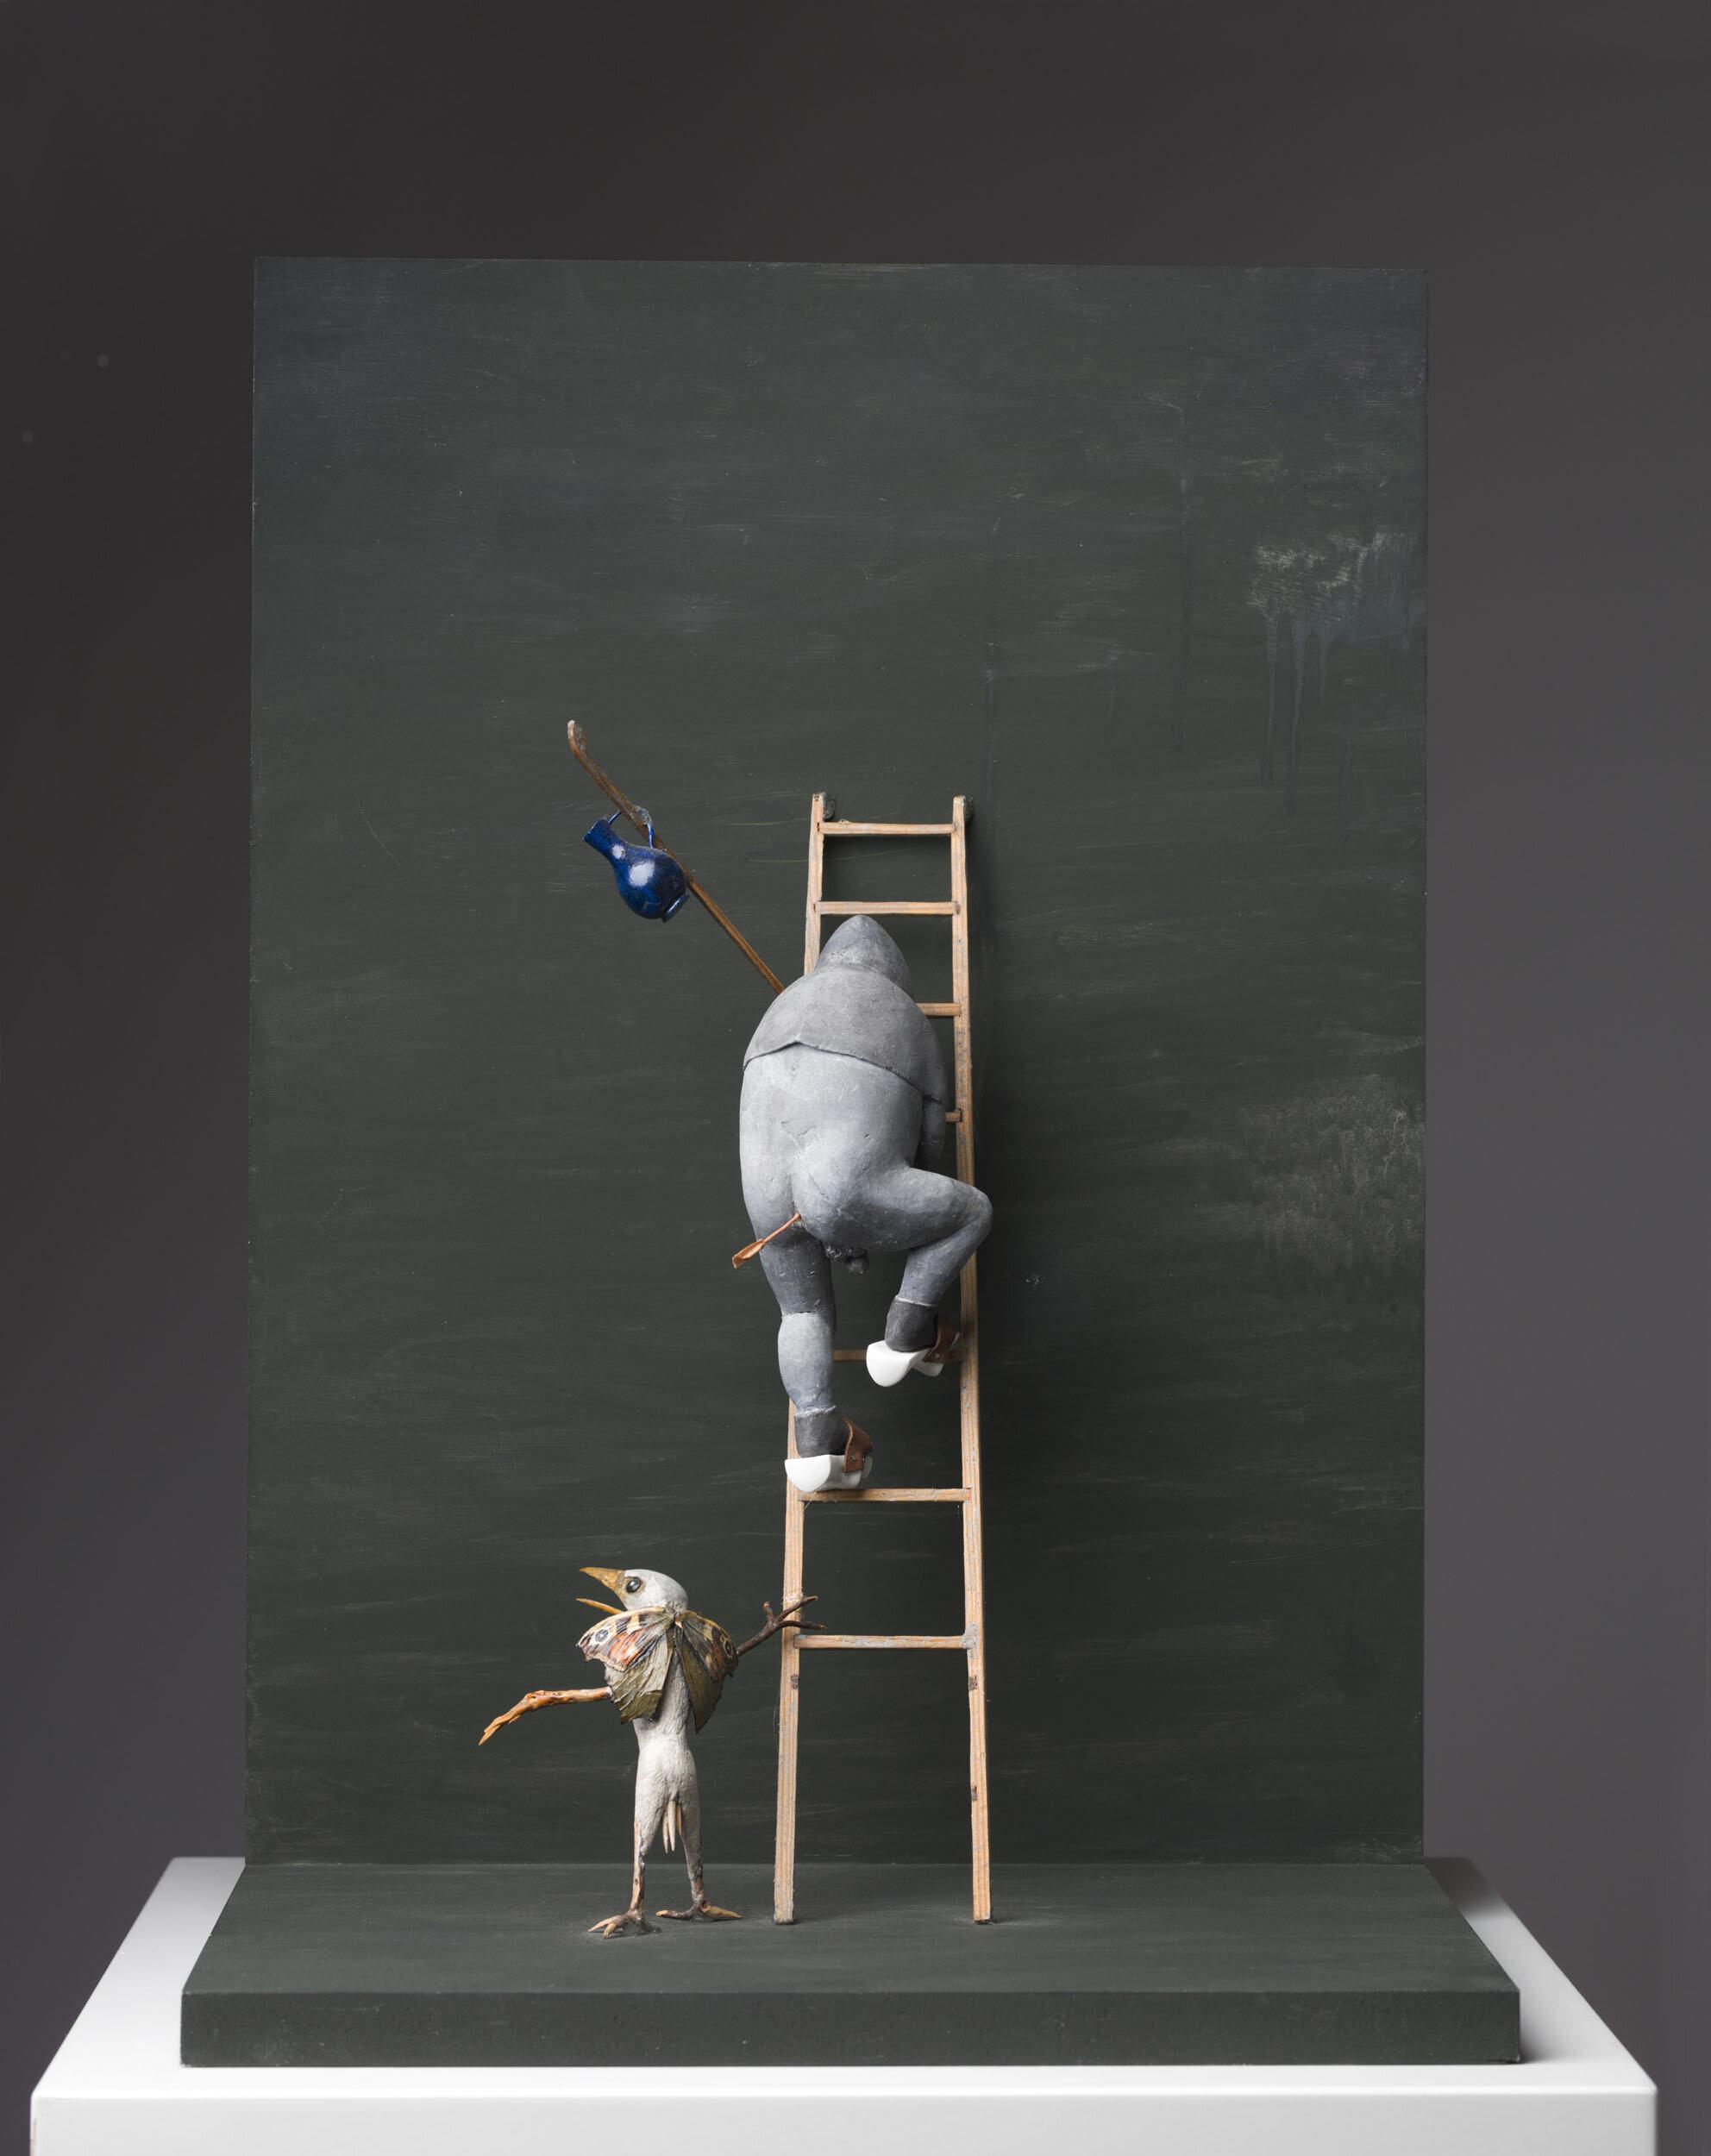 Tilda Lovell   Mot Las Vegas  2006 Signerad och daterad a tergo  Blandteknik, väggskulptur  42 x 29 x 21 cm